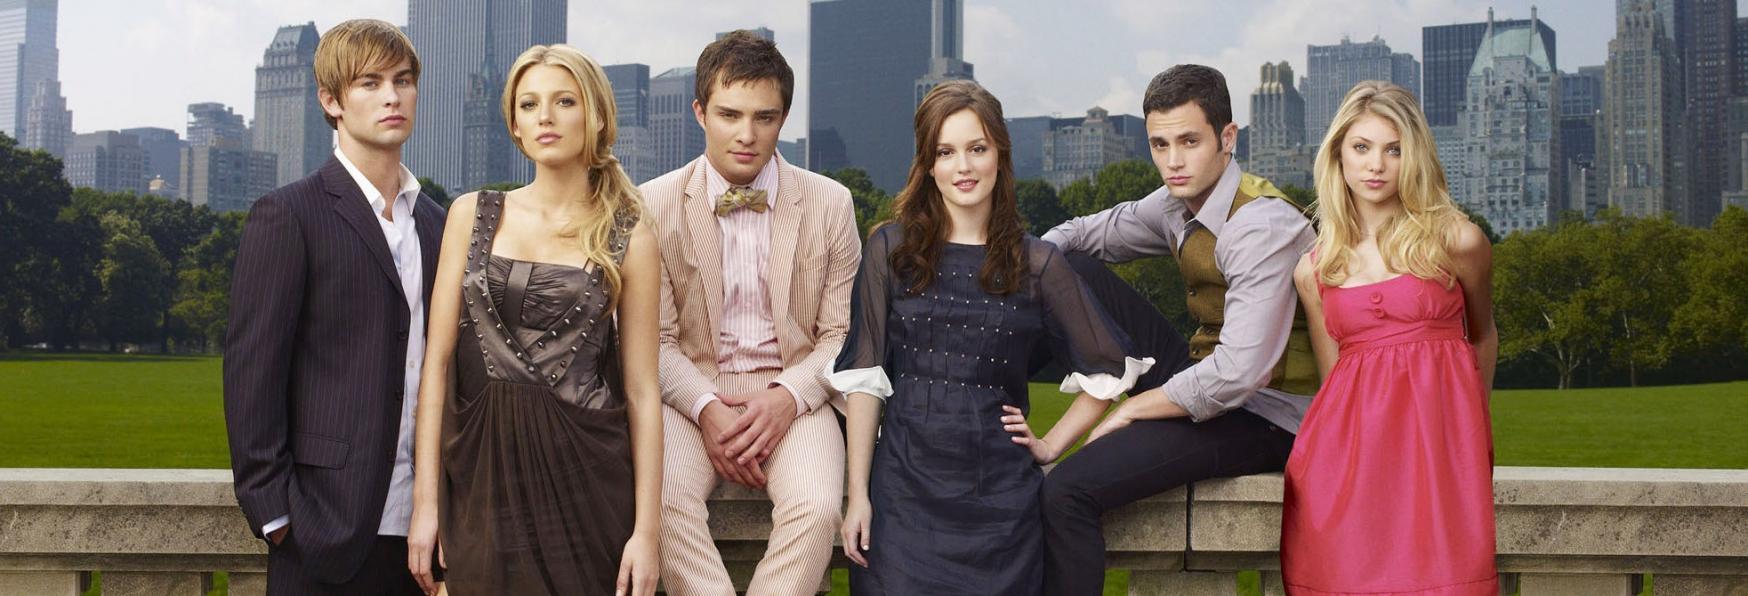 Gossip Girl: una New Entry del Cast del Reboot, si tratta di Savannah Smith